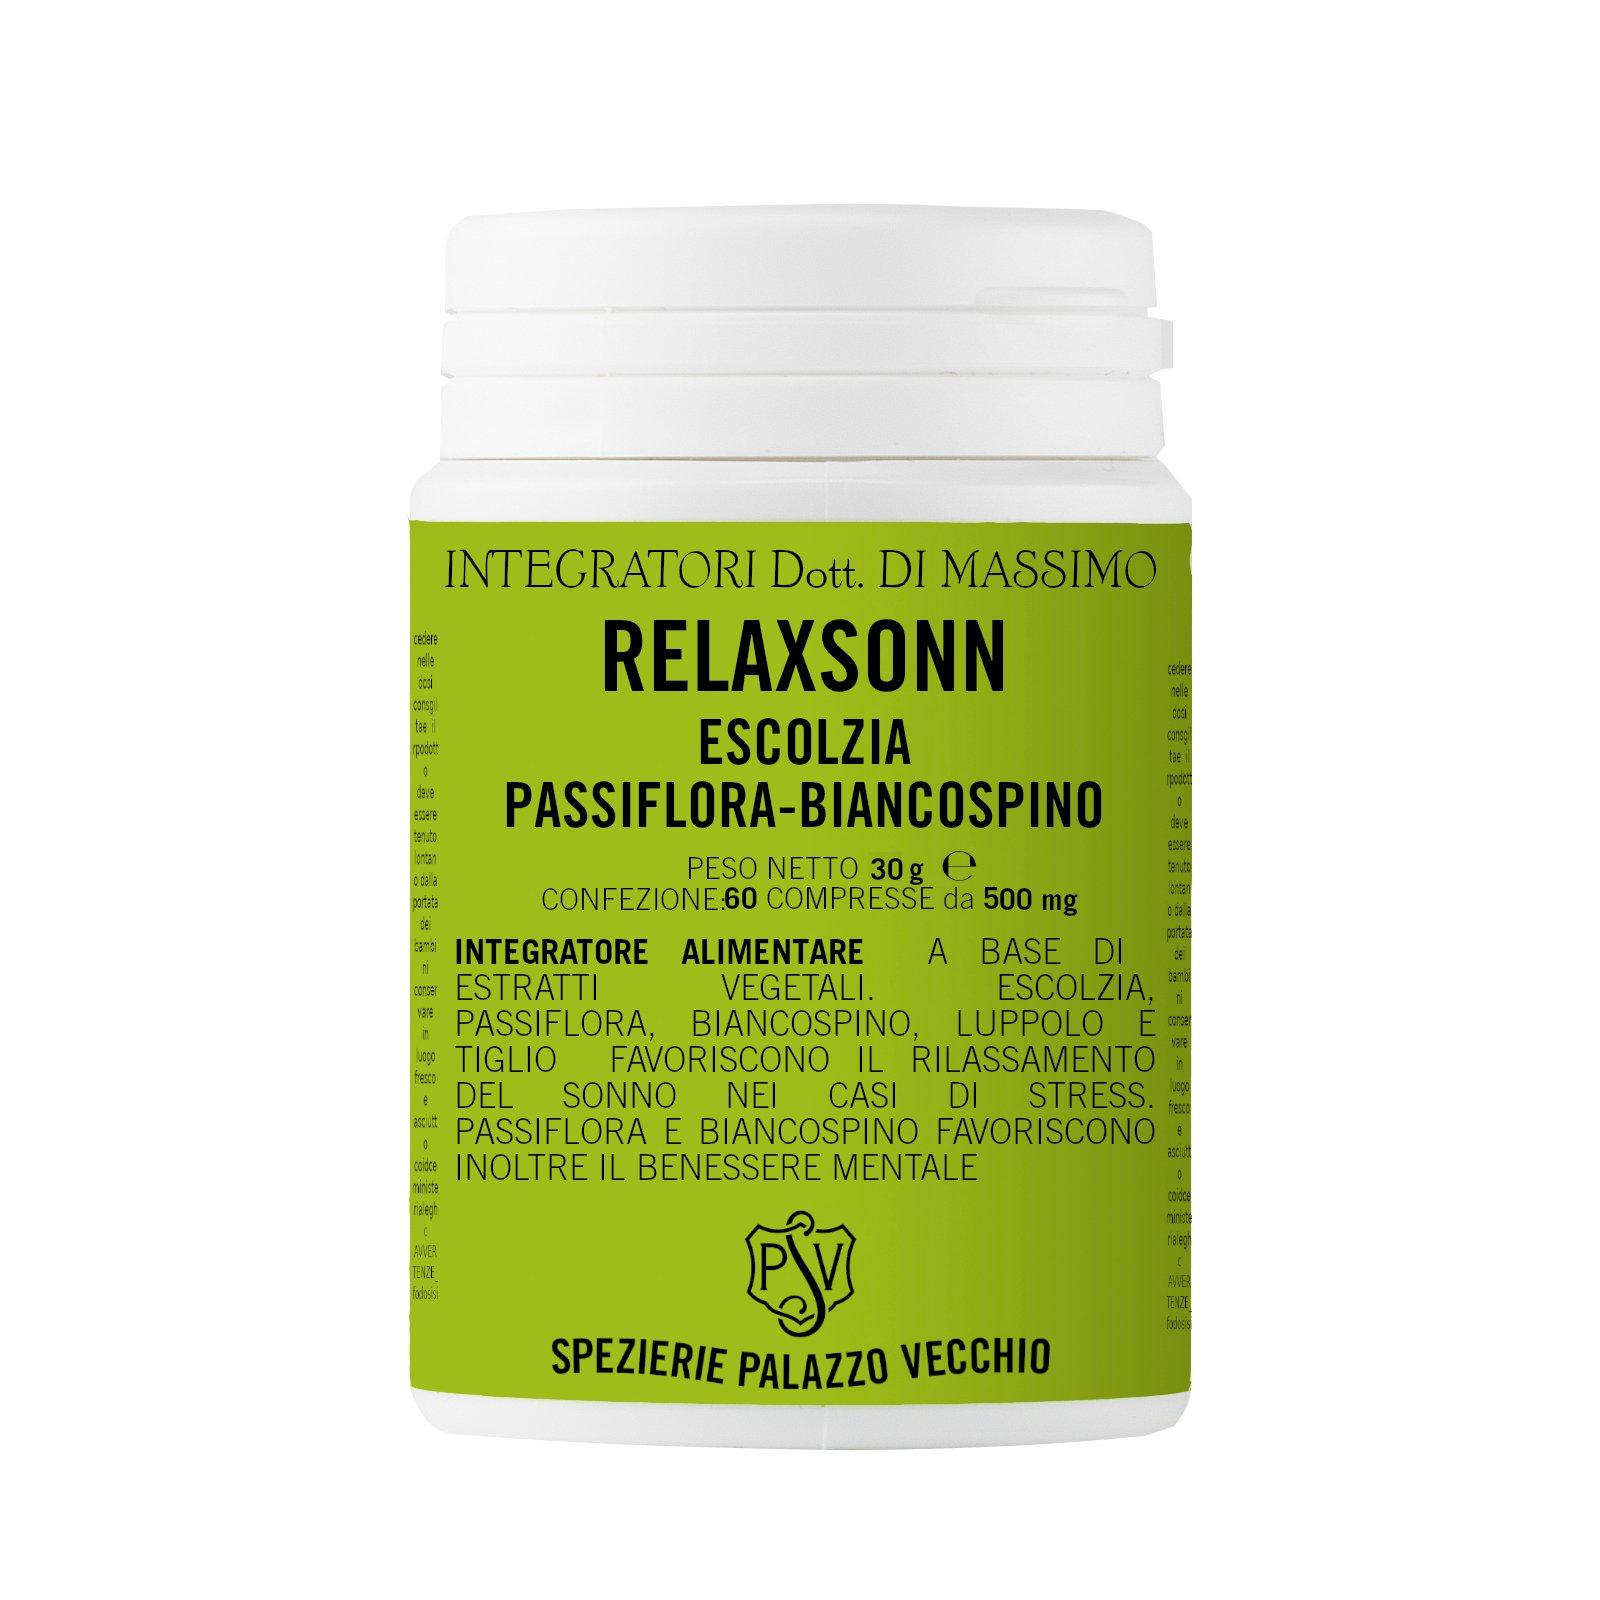 RELAXSONN ESCOLZIA-PASSIFLORA-BIANCOSPINO-0